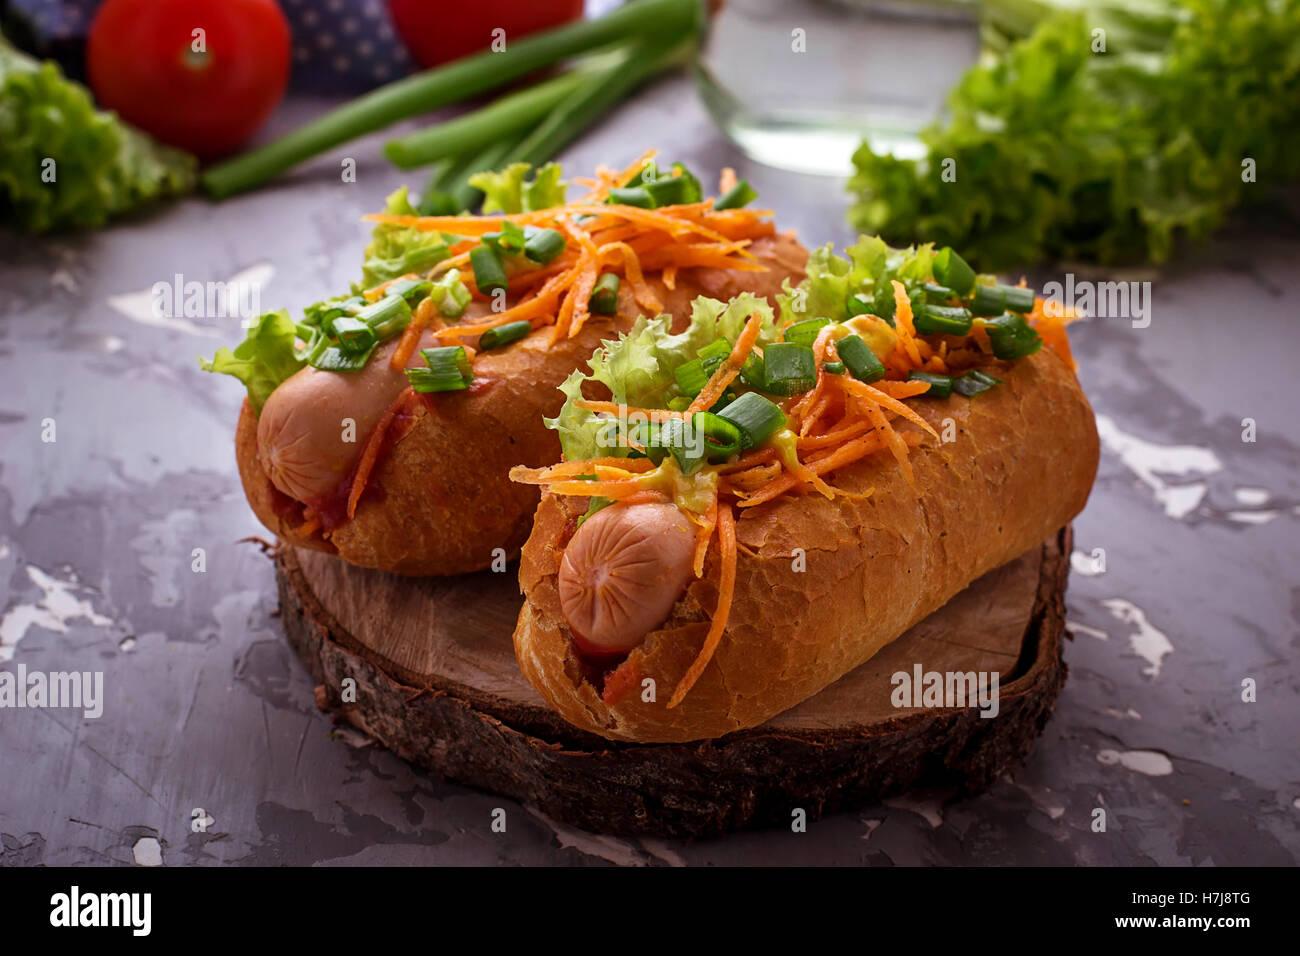 Hot Dog con salchicha, zanahoria, cebolla, lechuga. Enfoque selectivo Imagen De Stock